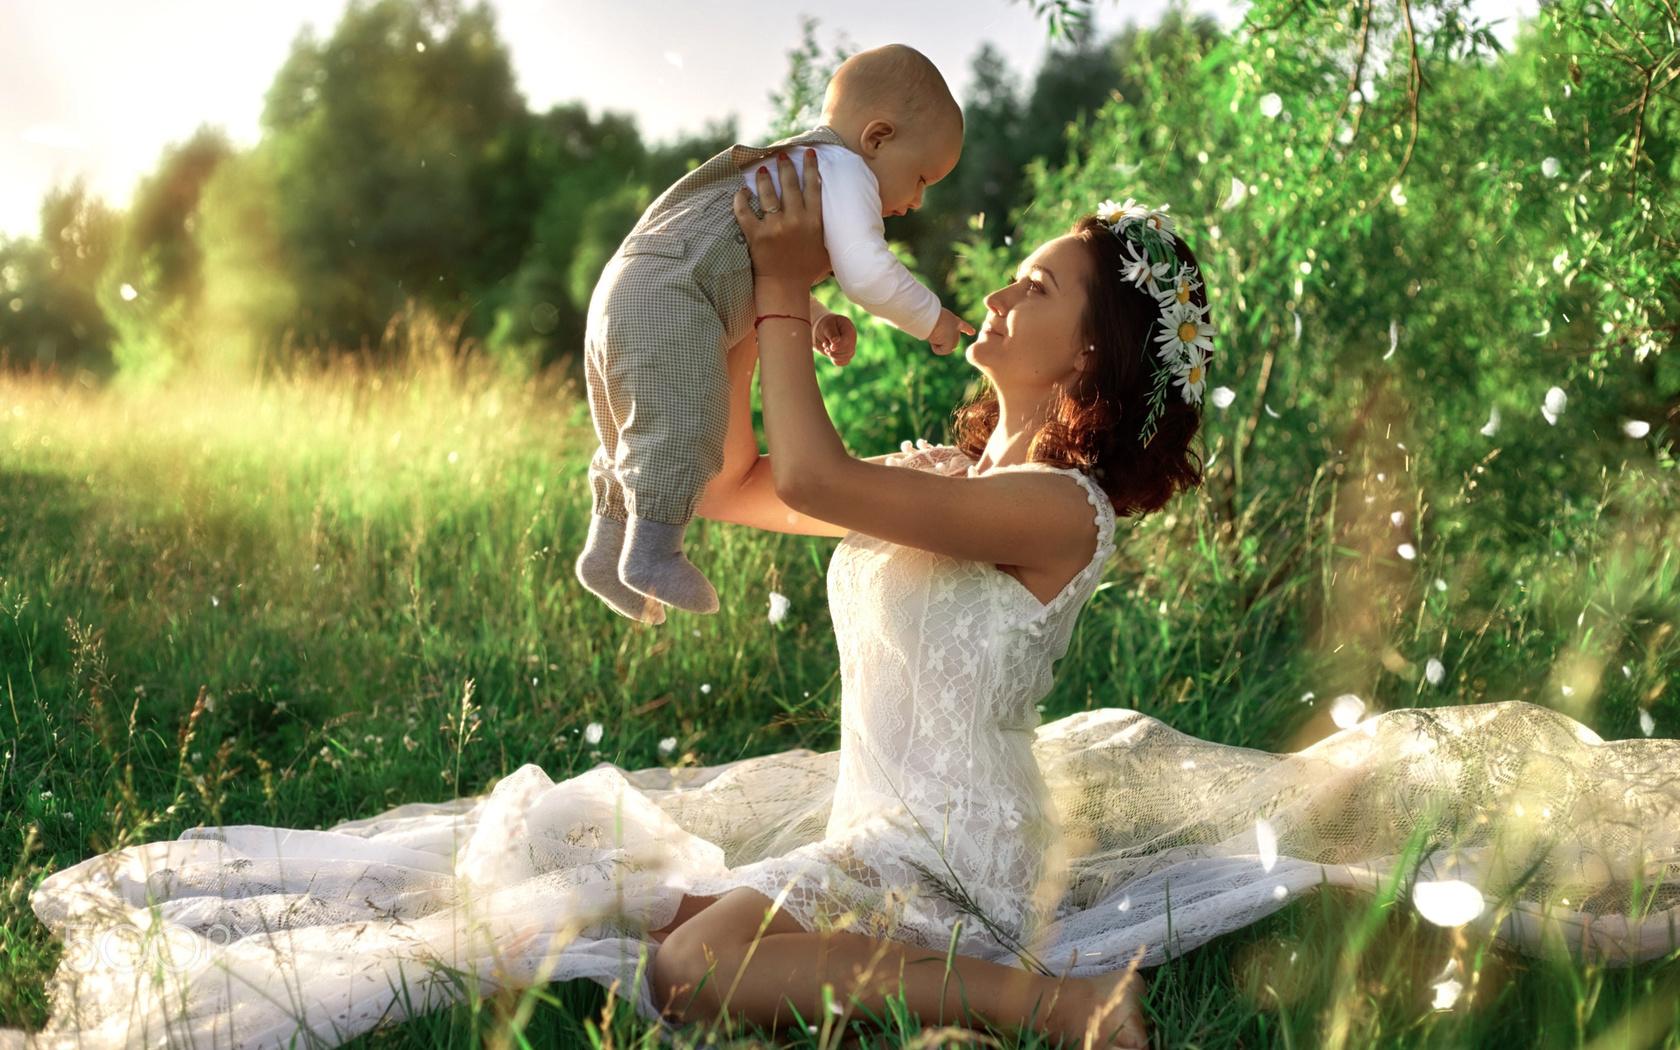 ivan tsarev, женщина, мама, мать, платье, ребёнок, малыш, материнство, природа, лето, ткань, тюль, венок, цветы, ромашки